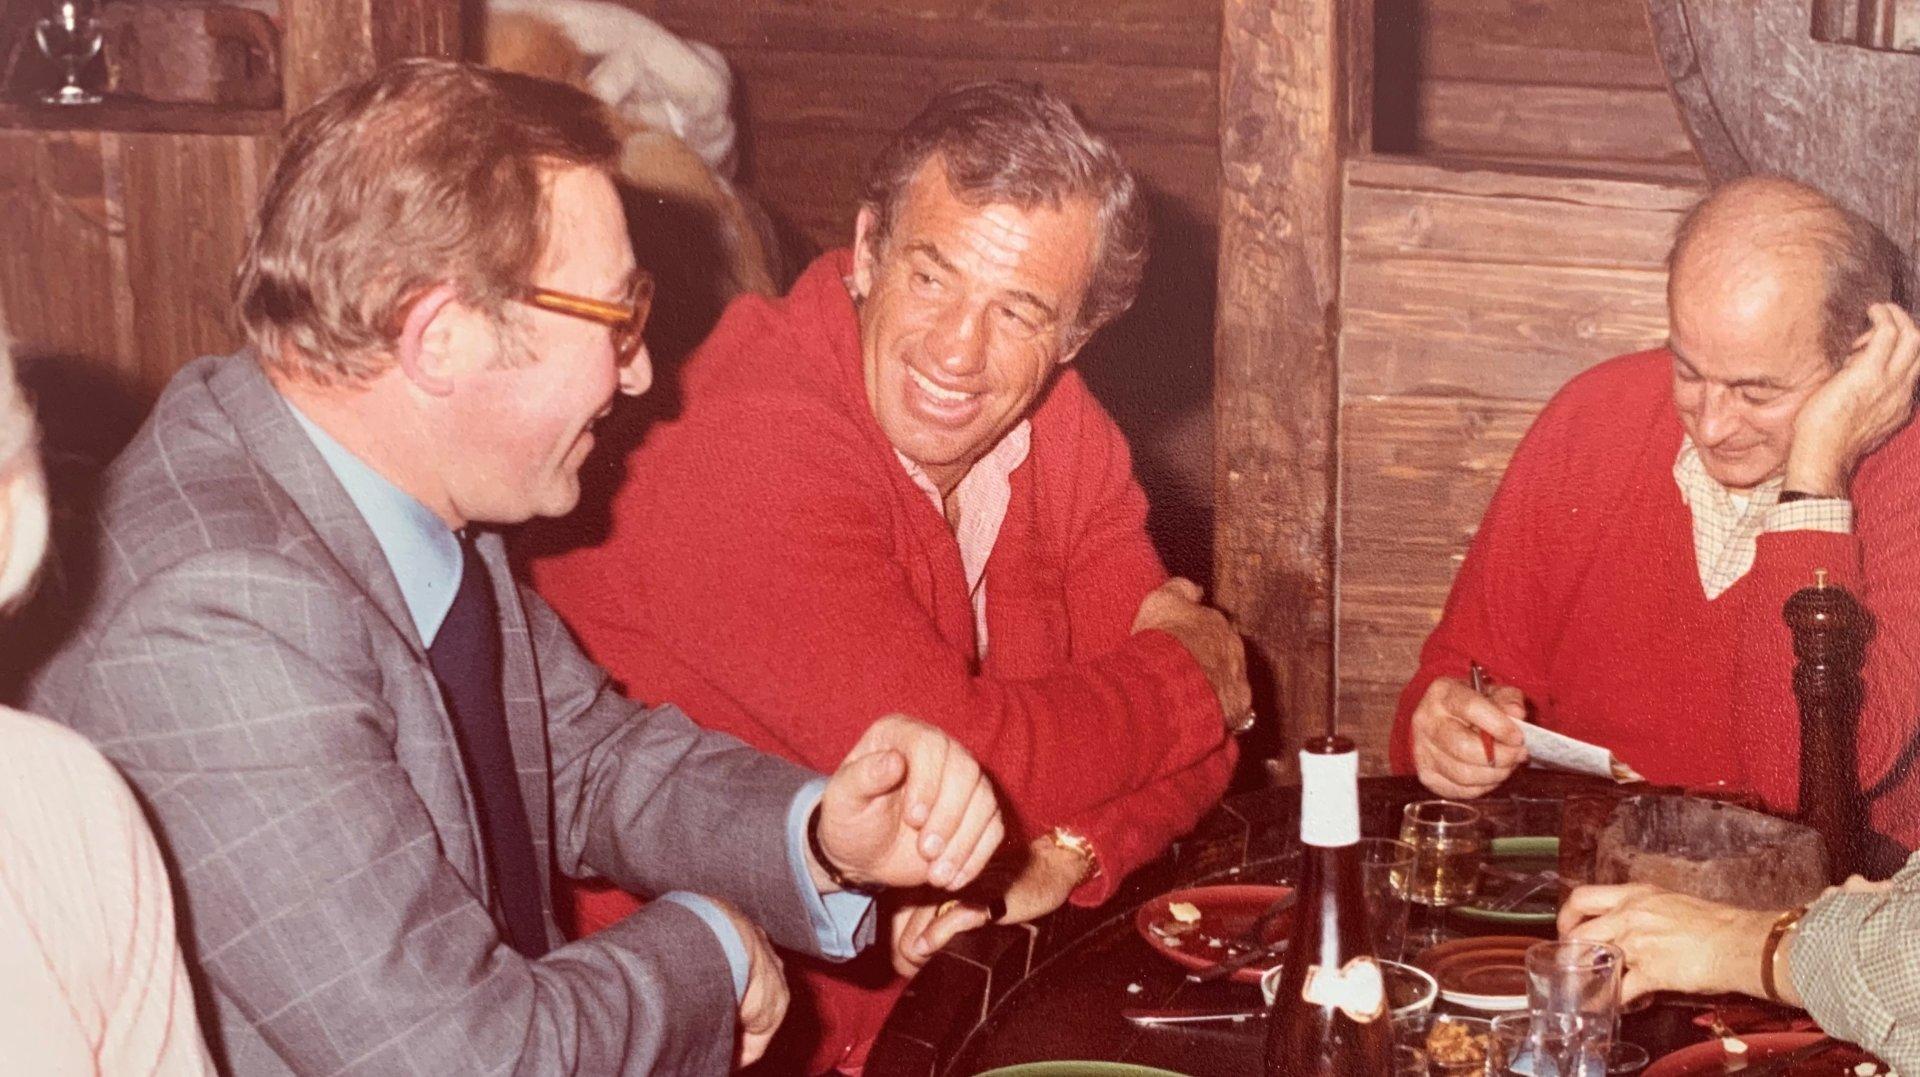 Jean-Paul Belmondo, les échos d'une soirée pas comme les autres à Crans